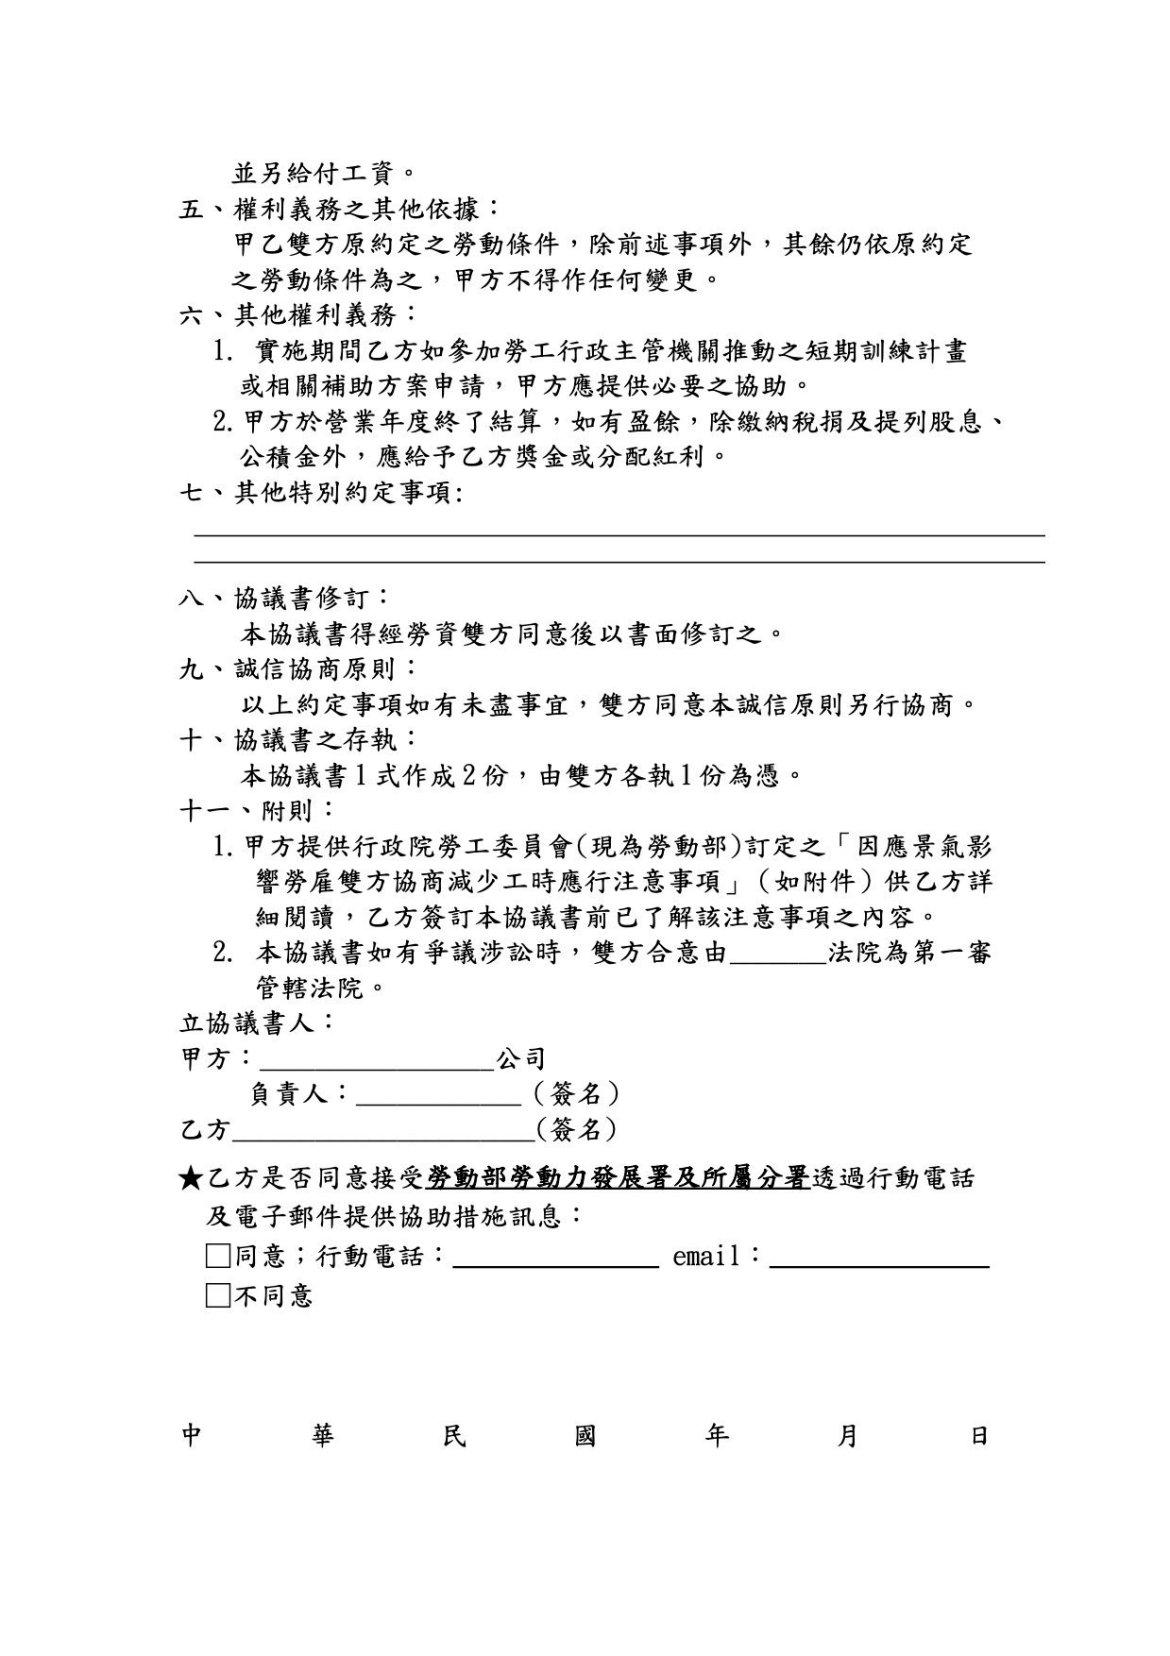 勞雇雙方協商減少工時協議書(臺北市政府勞動局)-2